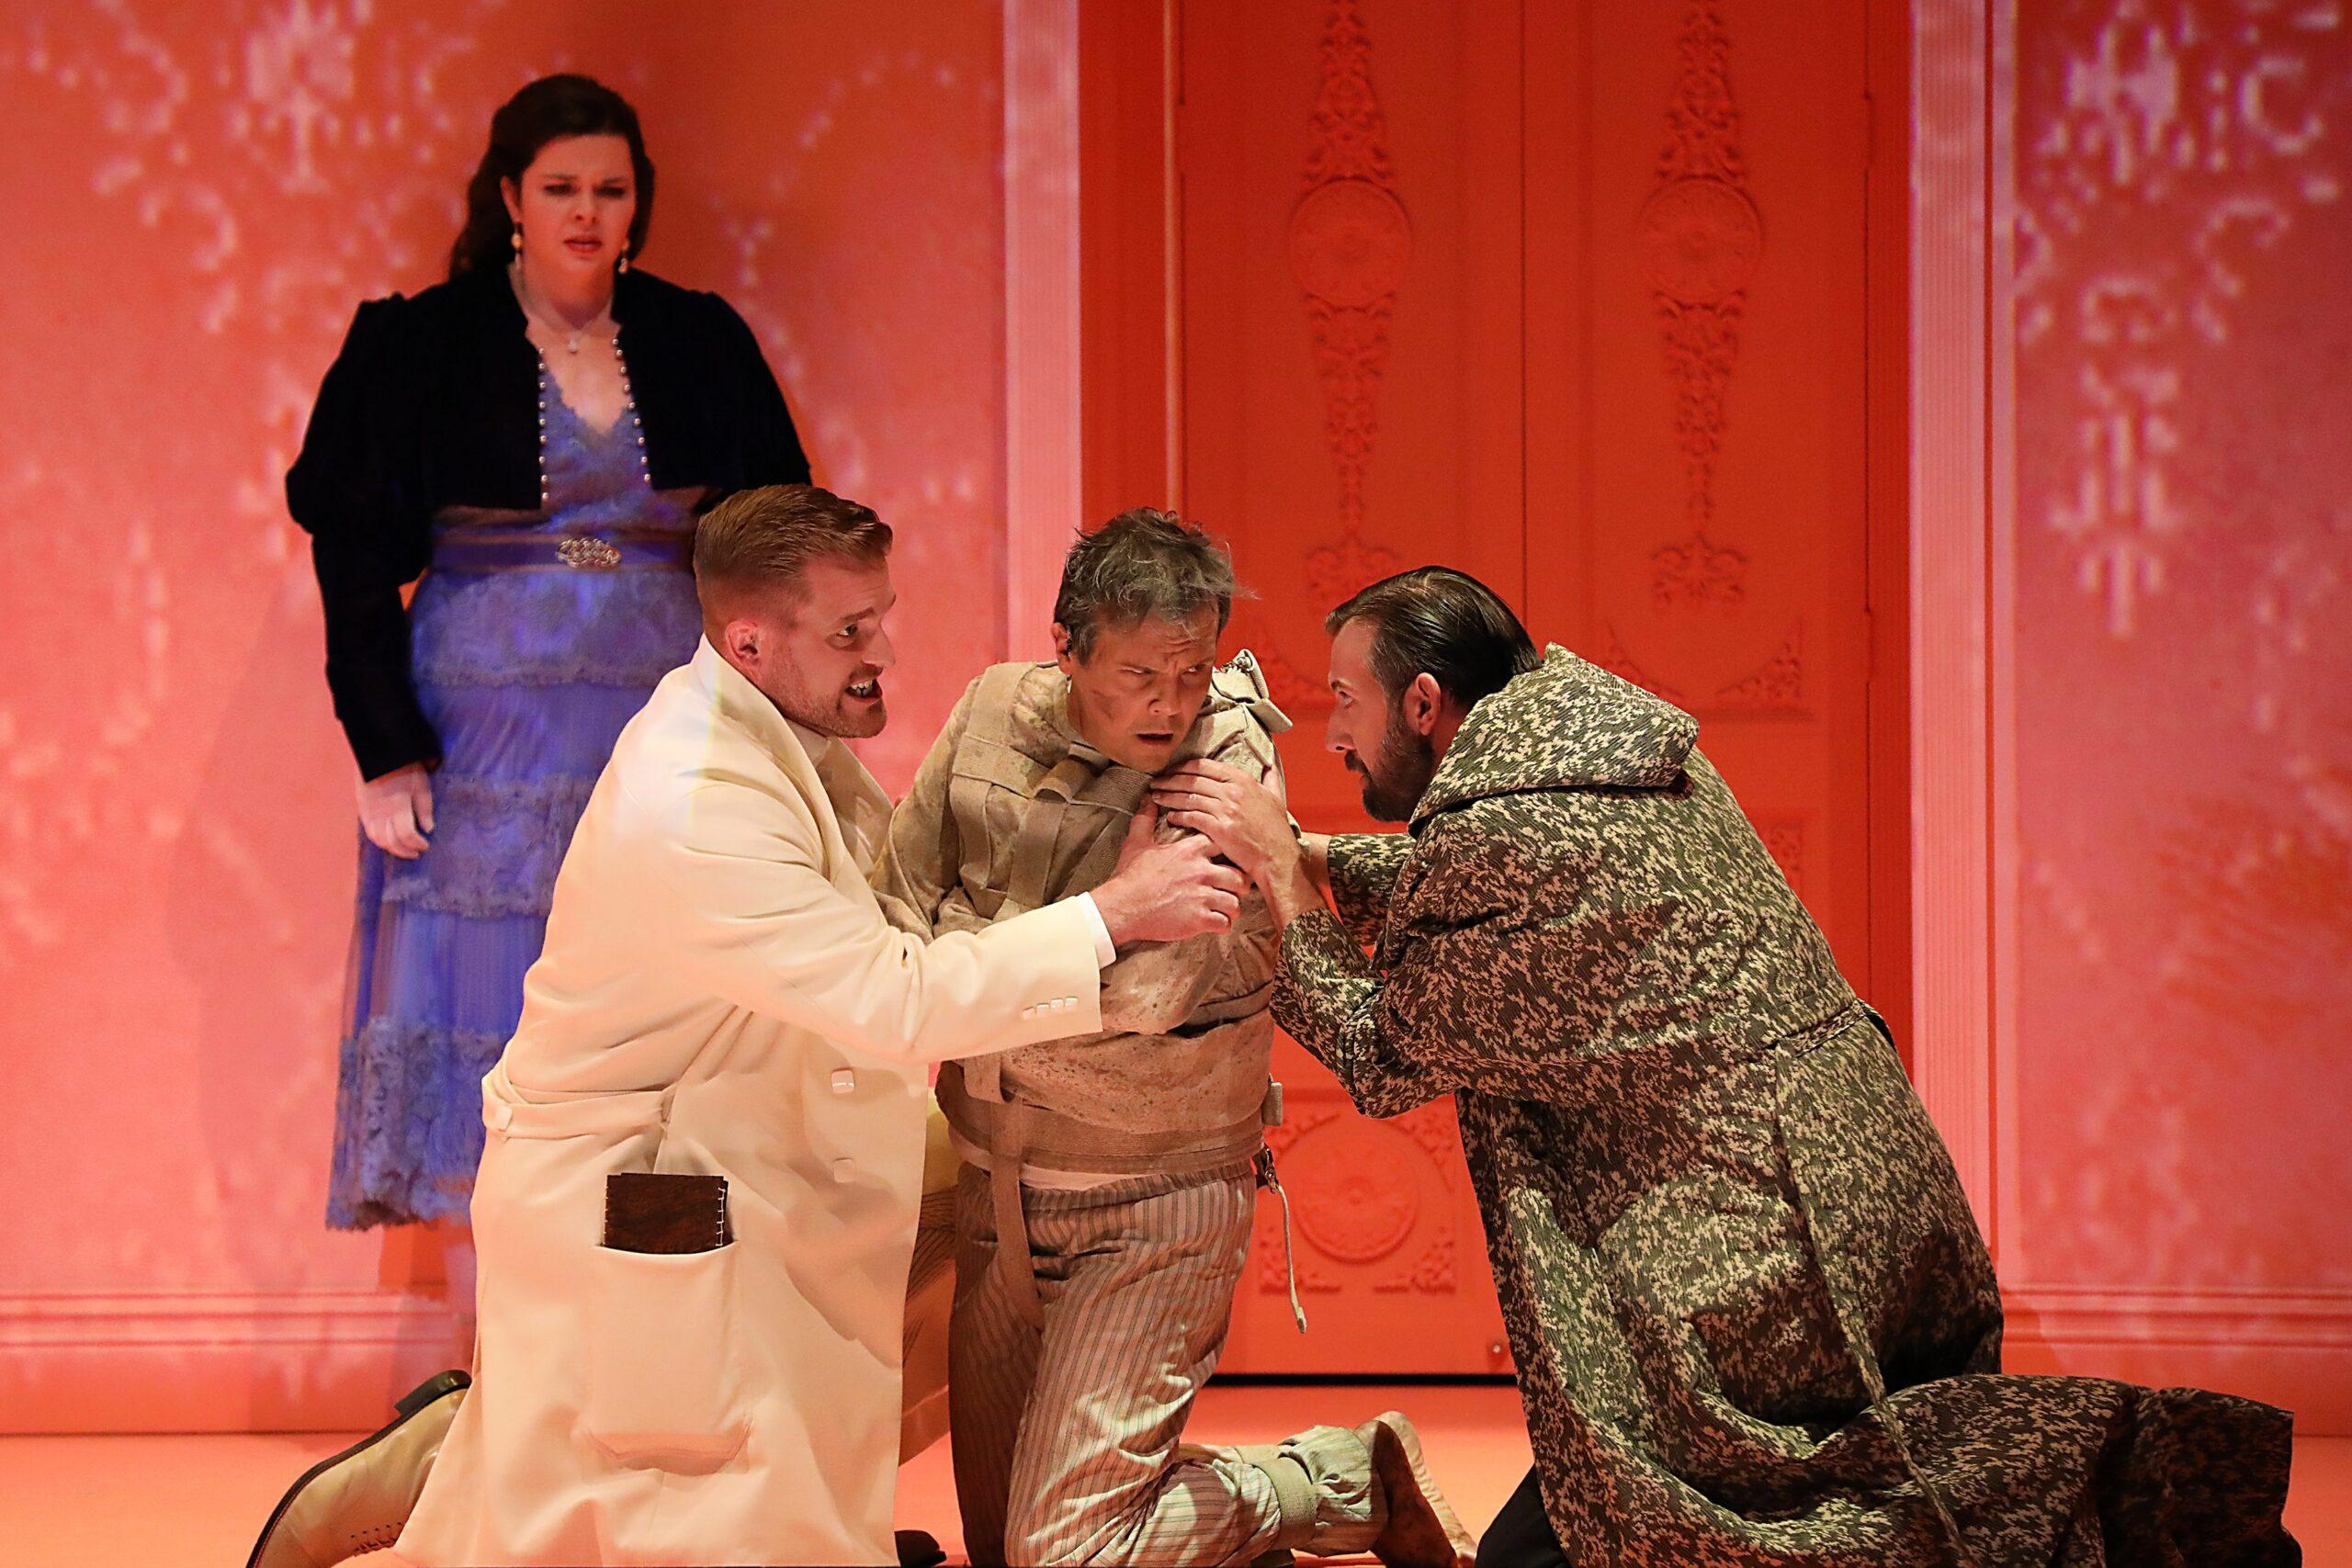 Kathryn Henry (Lucy Harker), Jarrett Ott (John Seward), David Portillo (Jonathan Harker), Matt Boehler (Van Helsing). Photo Credit: Curtis Brown for the Santa Fe Opera, 2021